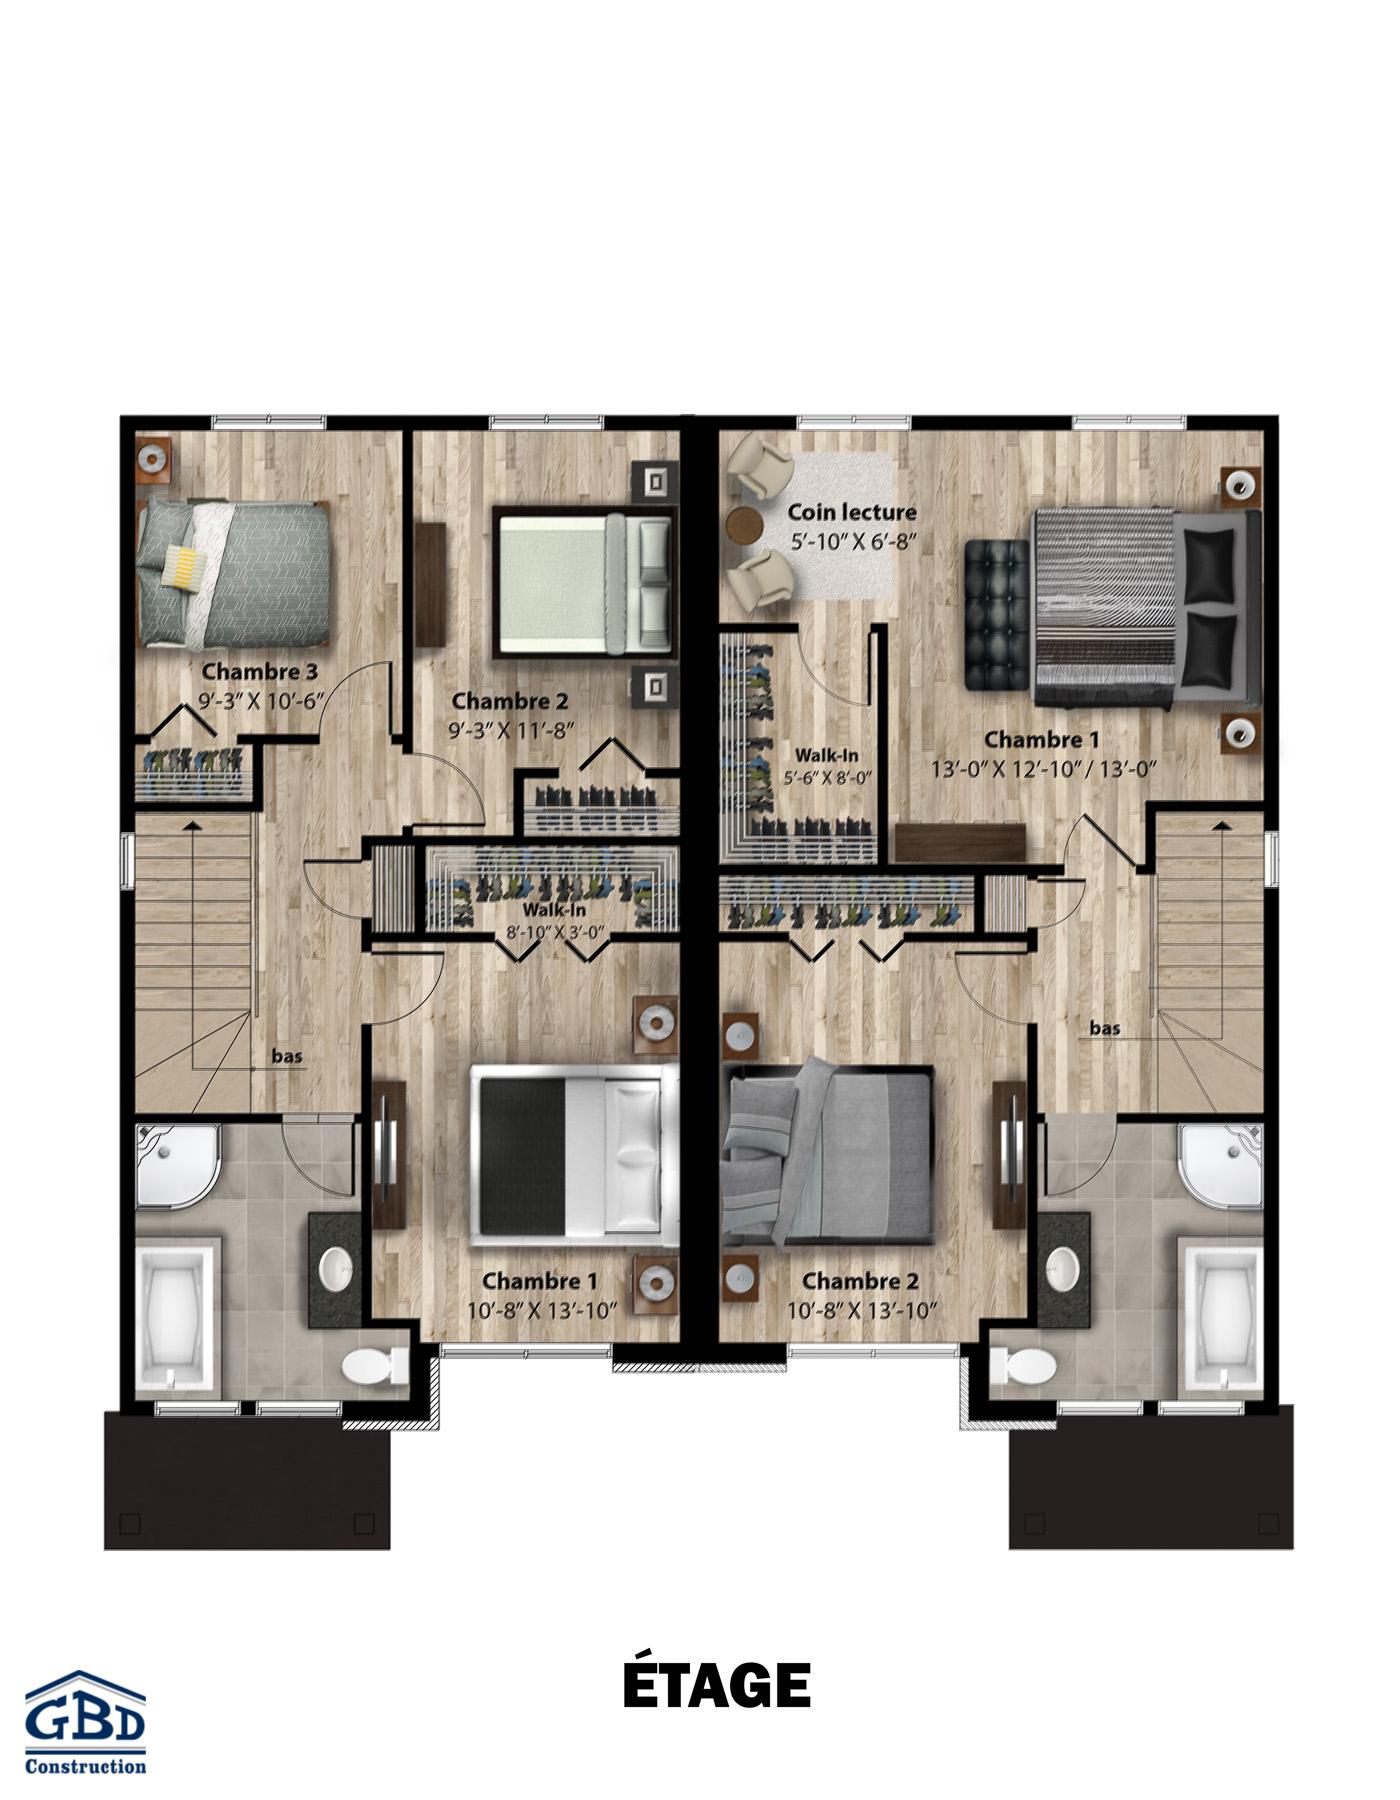 Saule maison neuve jumel e gbd construction for Plan de maison 2 chambres salon cuisine douche